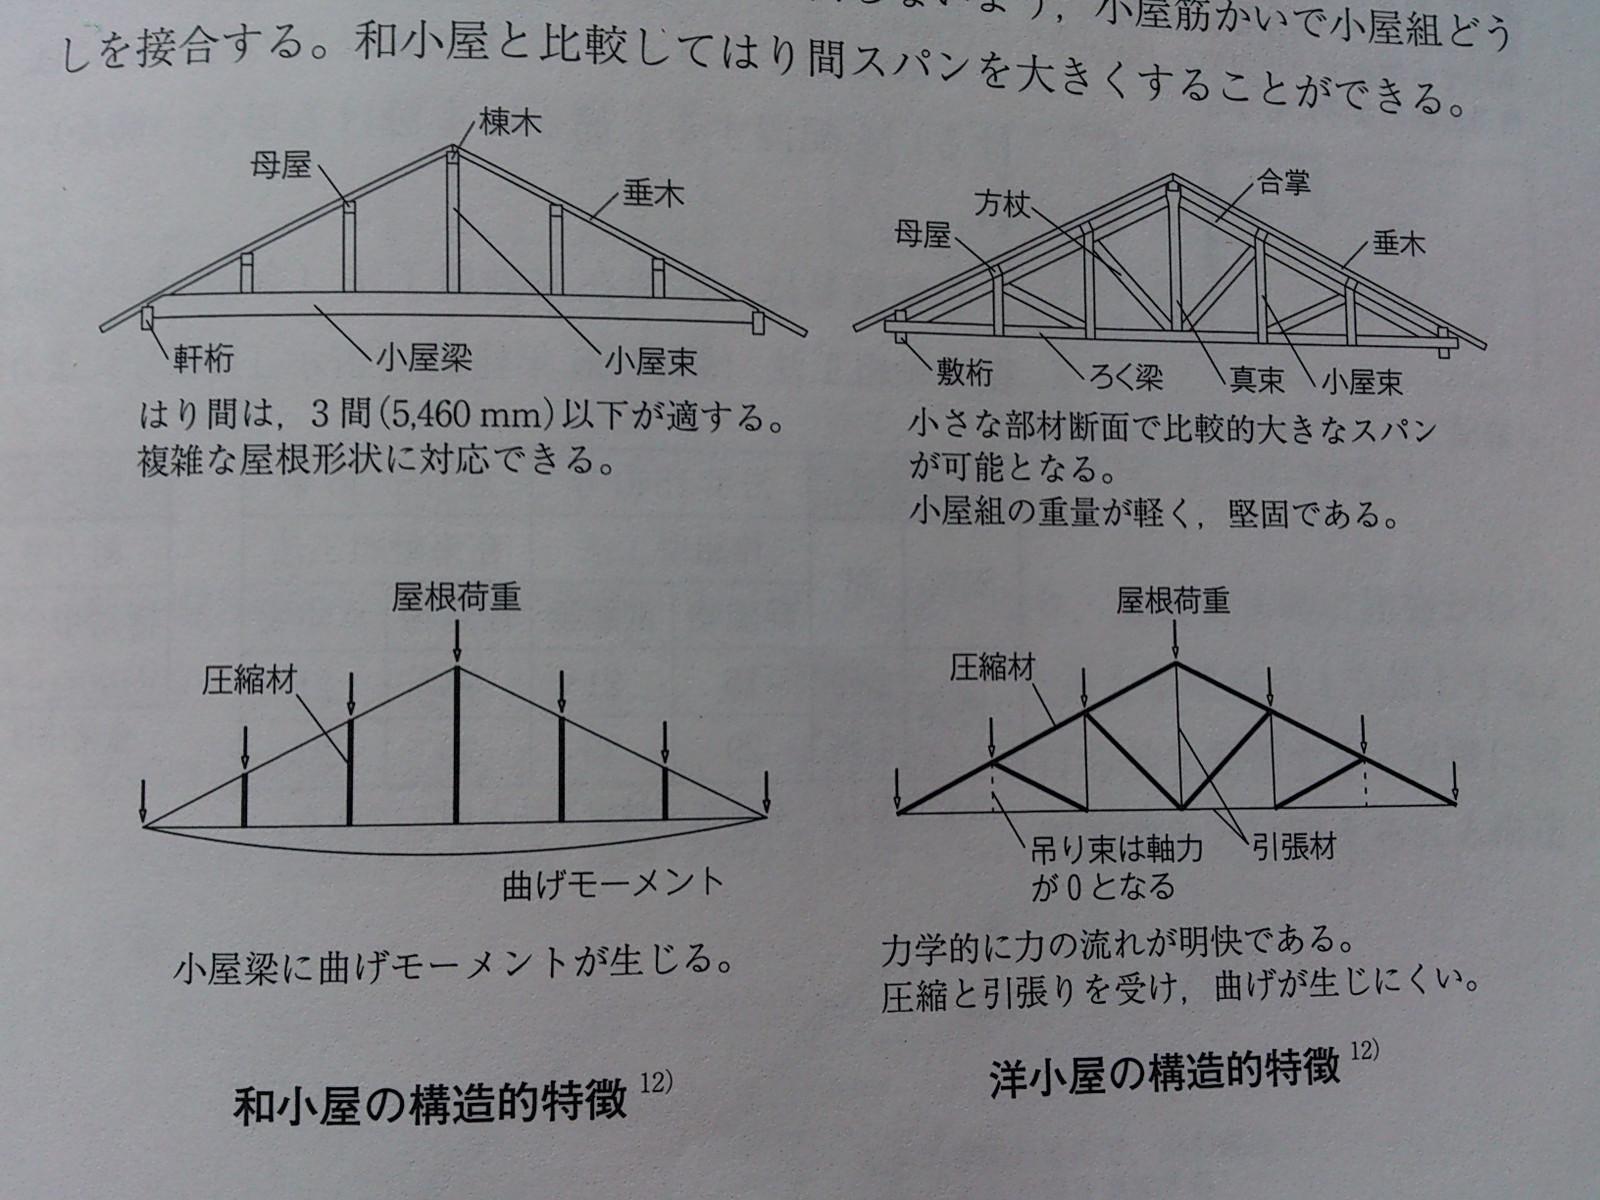 木造建築士 最後の講習: 寺町の...